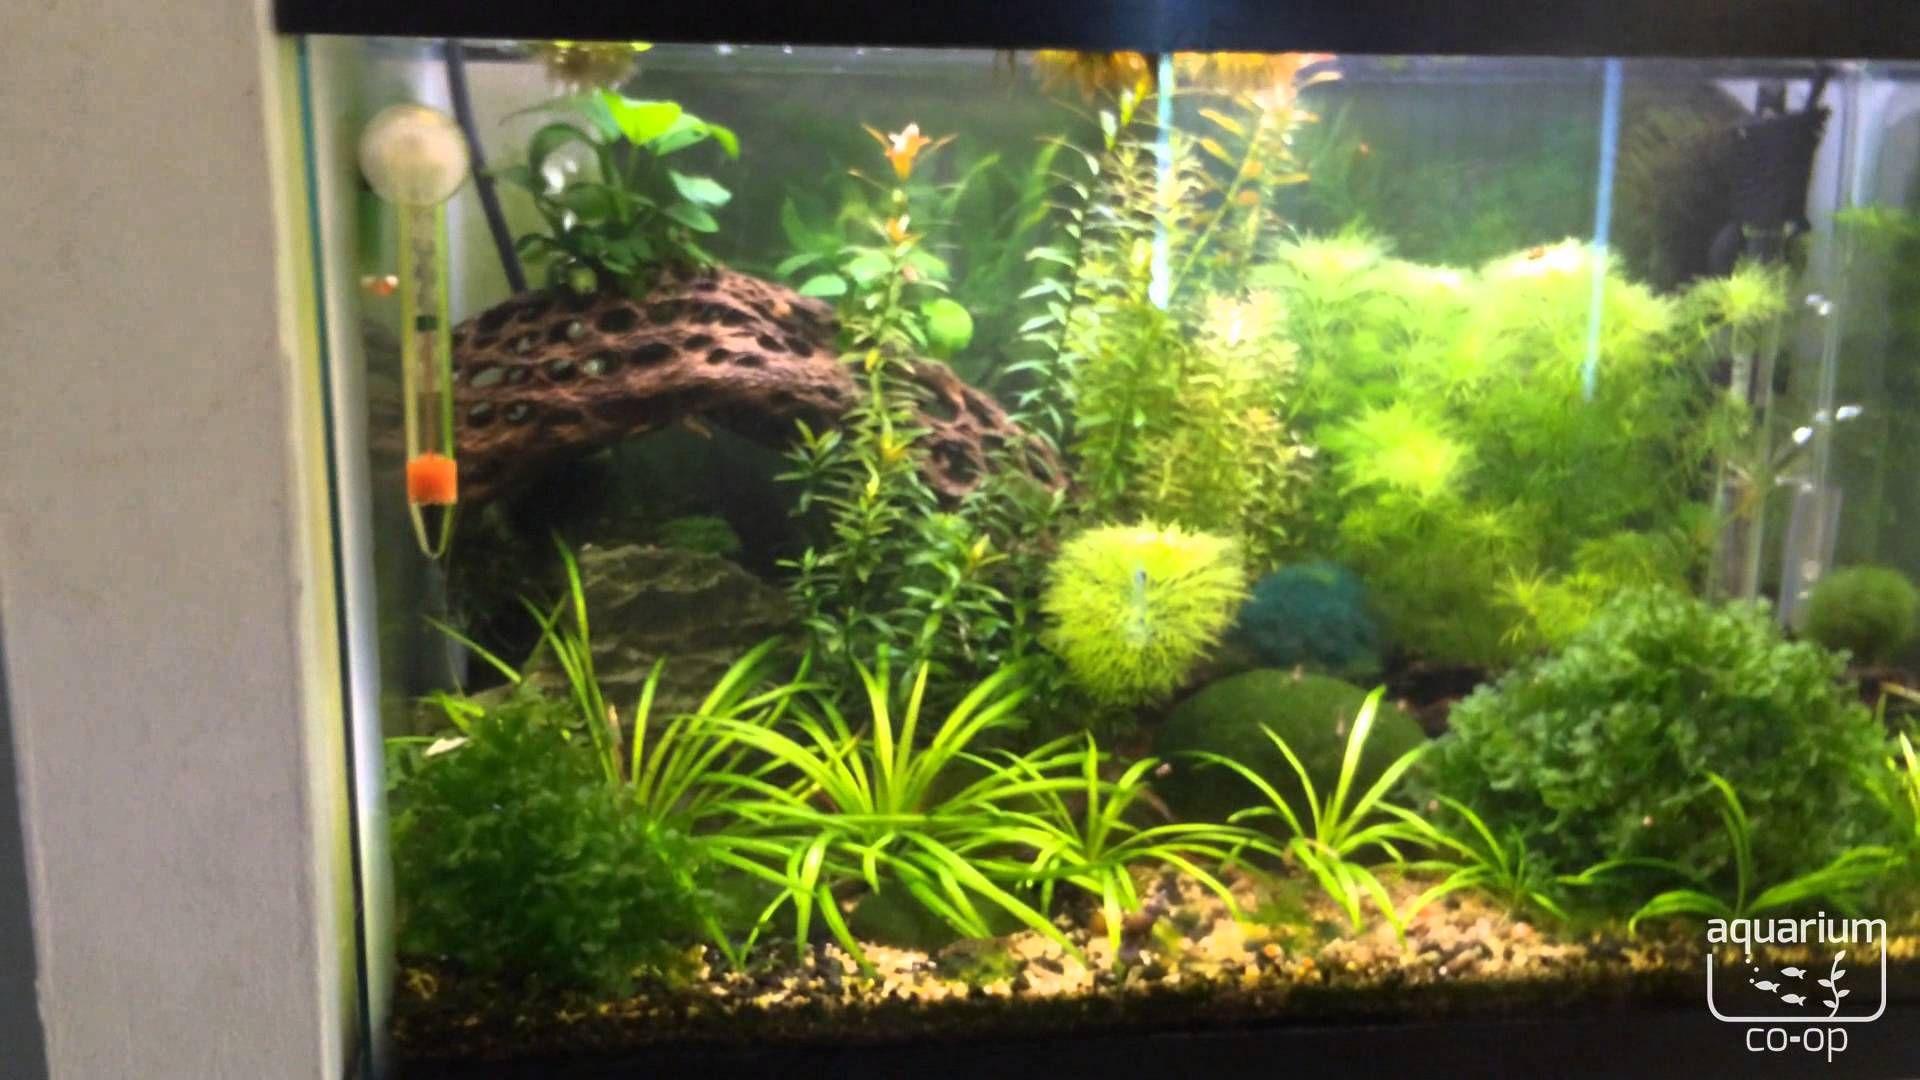 10 Gallon Tank Live Plants Good Betta Tank Driftwood Pygmy Corydoras Rocks Betta Betta Tank Fish Tank